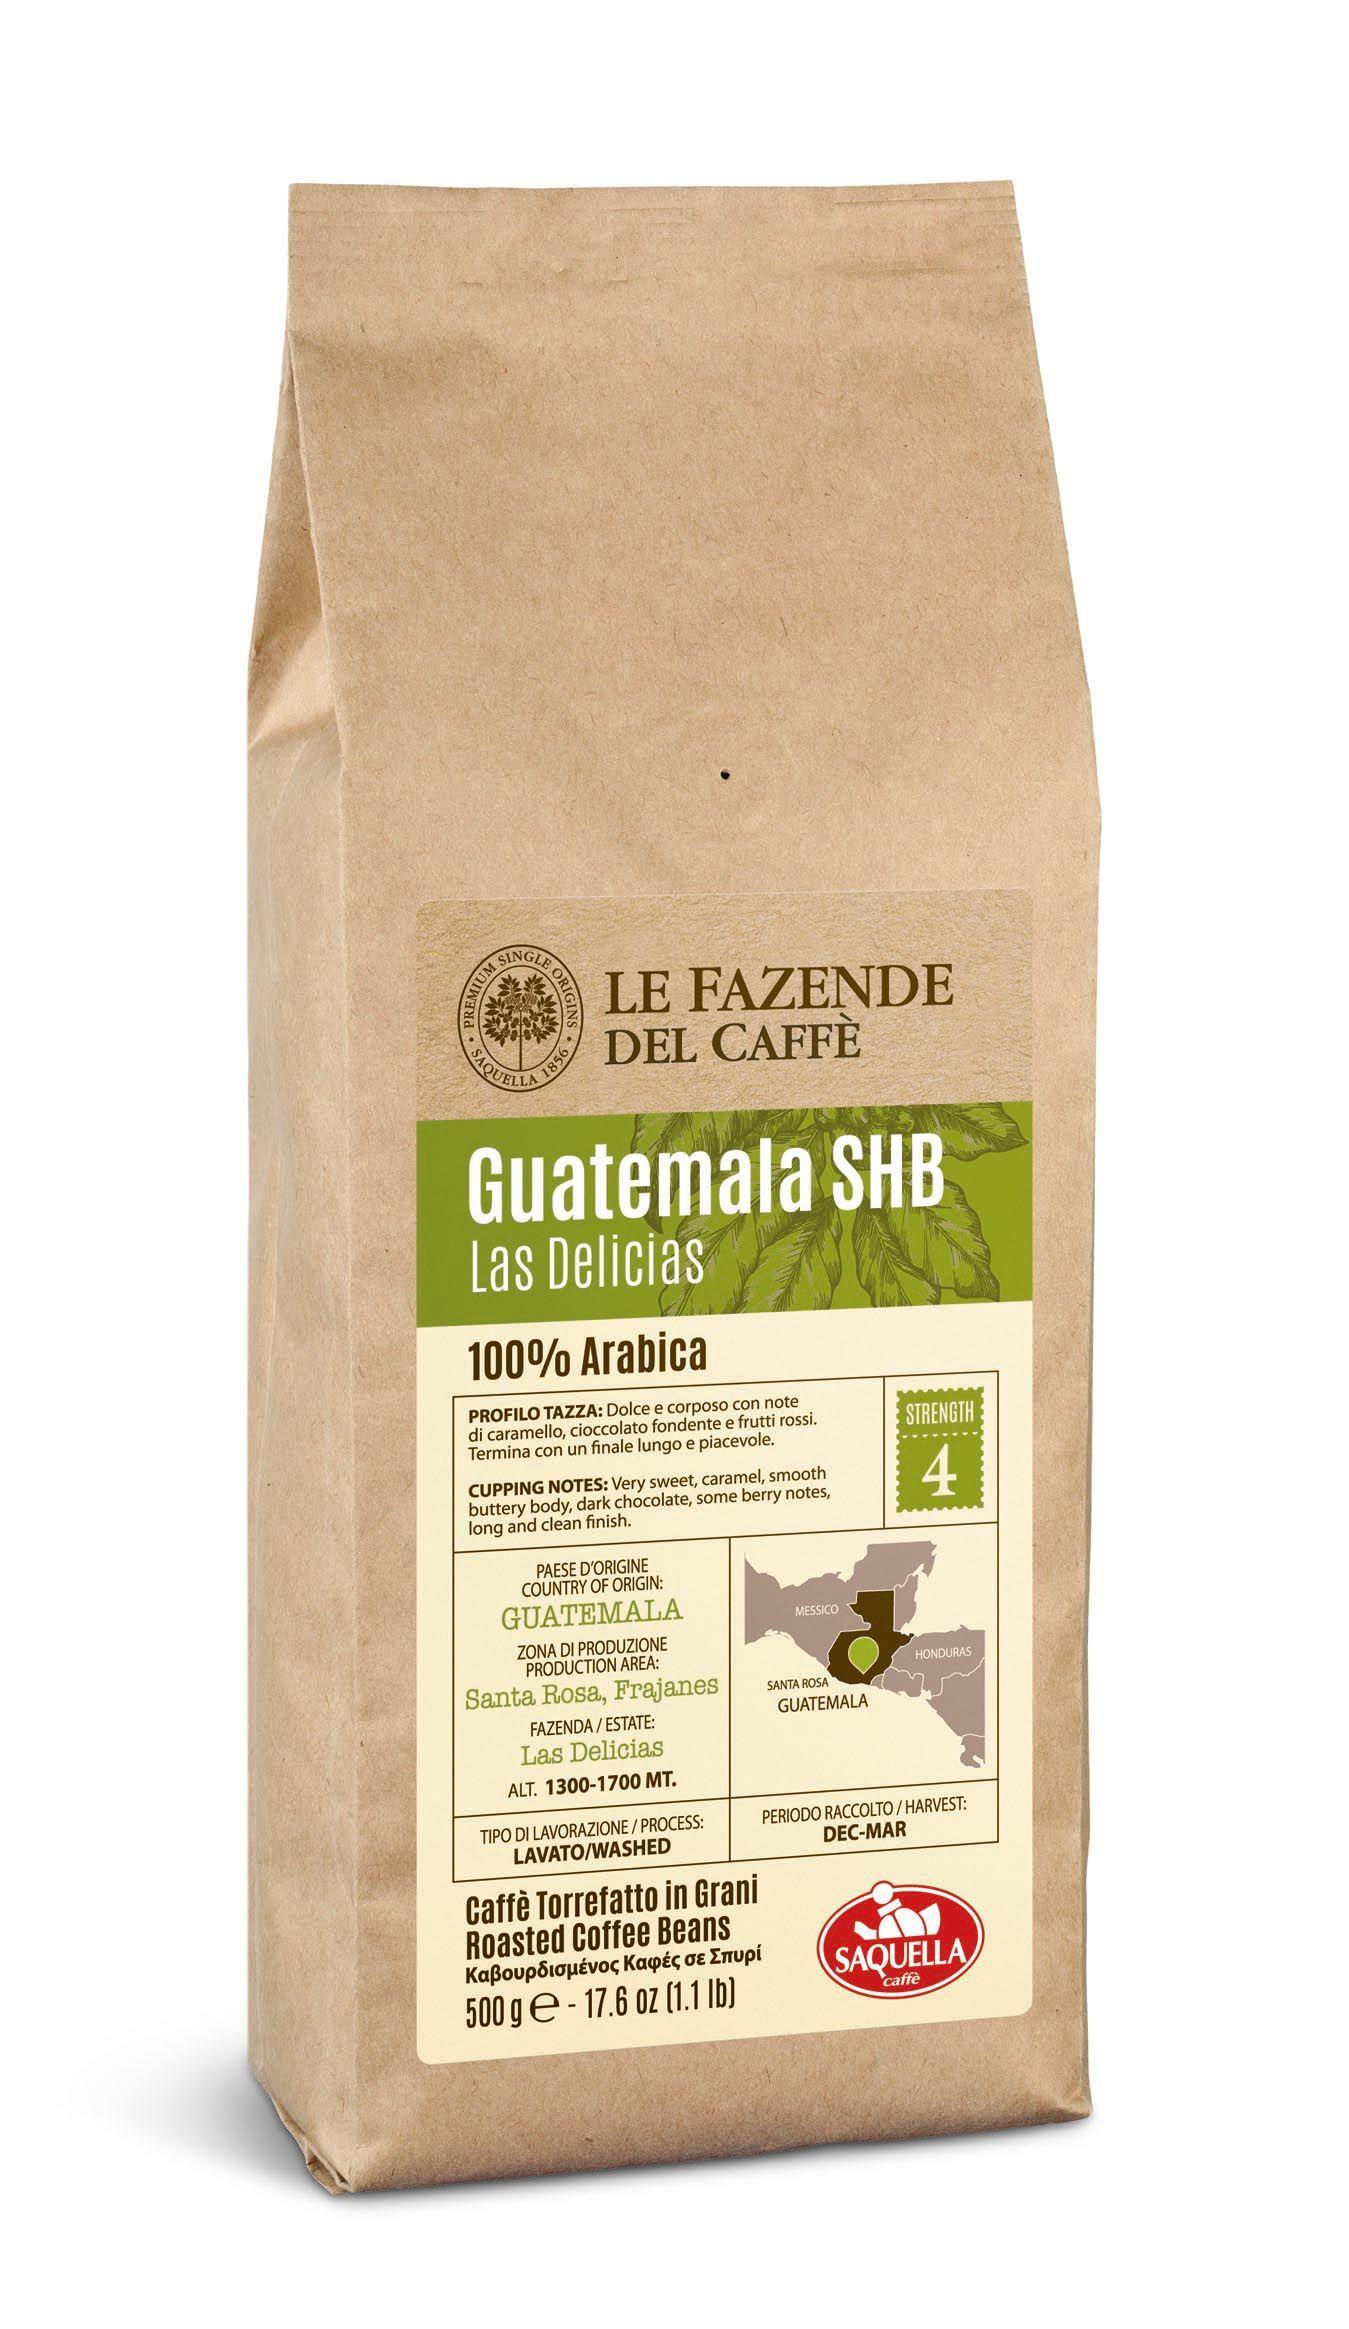 Кофе Saquella Single Origin Guatemala зерно в/у 500 г00026Saquella Single Origin Guatemala - эксклюзивная 100% арабика, выращенная на вулканических плантациях на высоте 1300-1700 метров над уровнем моря. В таком уникальном климате кофейное зерно созревает медленно и приобретает уникальный аромат с богатым шоколадным вкусом.